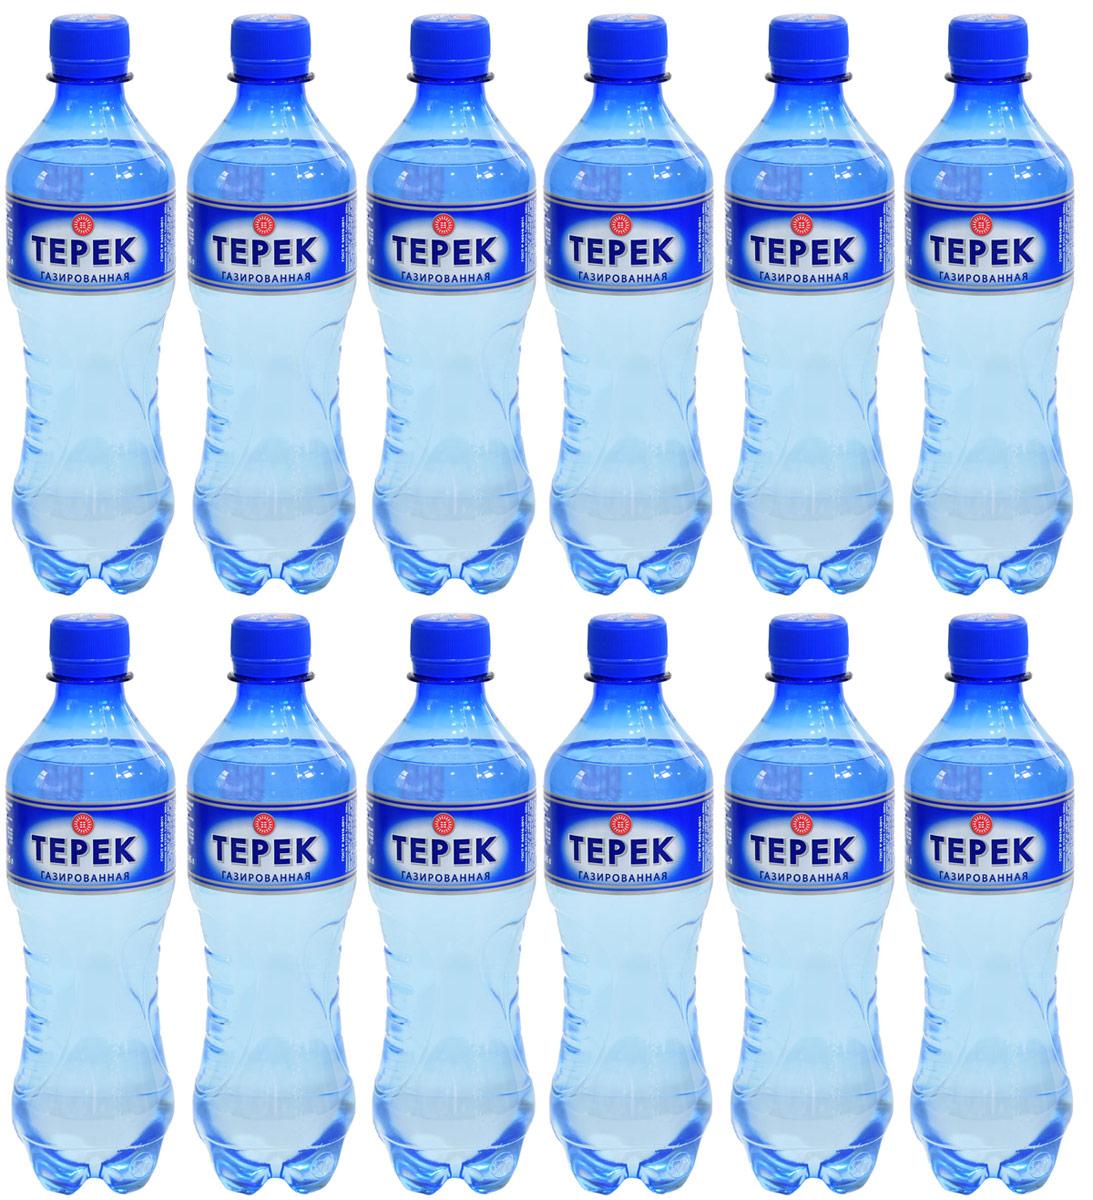 Терек вода минеральная газированная, 12 шт по 0,5 л0120710Натуральная минеральная столовая вода имеет природное происхождение. По микроэлементному составу полностью идентична хлоридно-гидрокарбонатным минеральным водам Кавказа. Рекомендована к регулярному использованию для питья и приготовления пищи. Не содержит каких либо вредных и токсичных элементов, способствует очищению организма от шлаков, улучшает обмен веществ, повышает иммунитет. Скважина № 81214, глубина 260 метров.